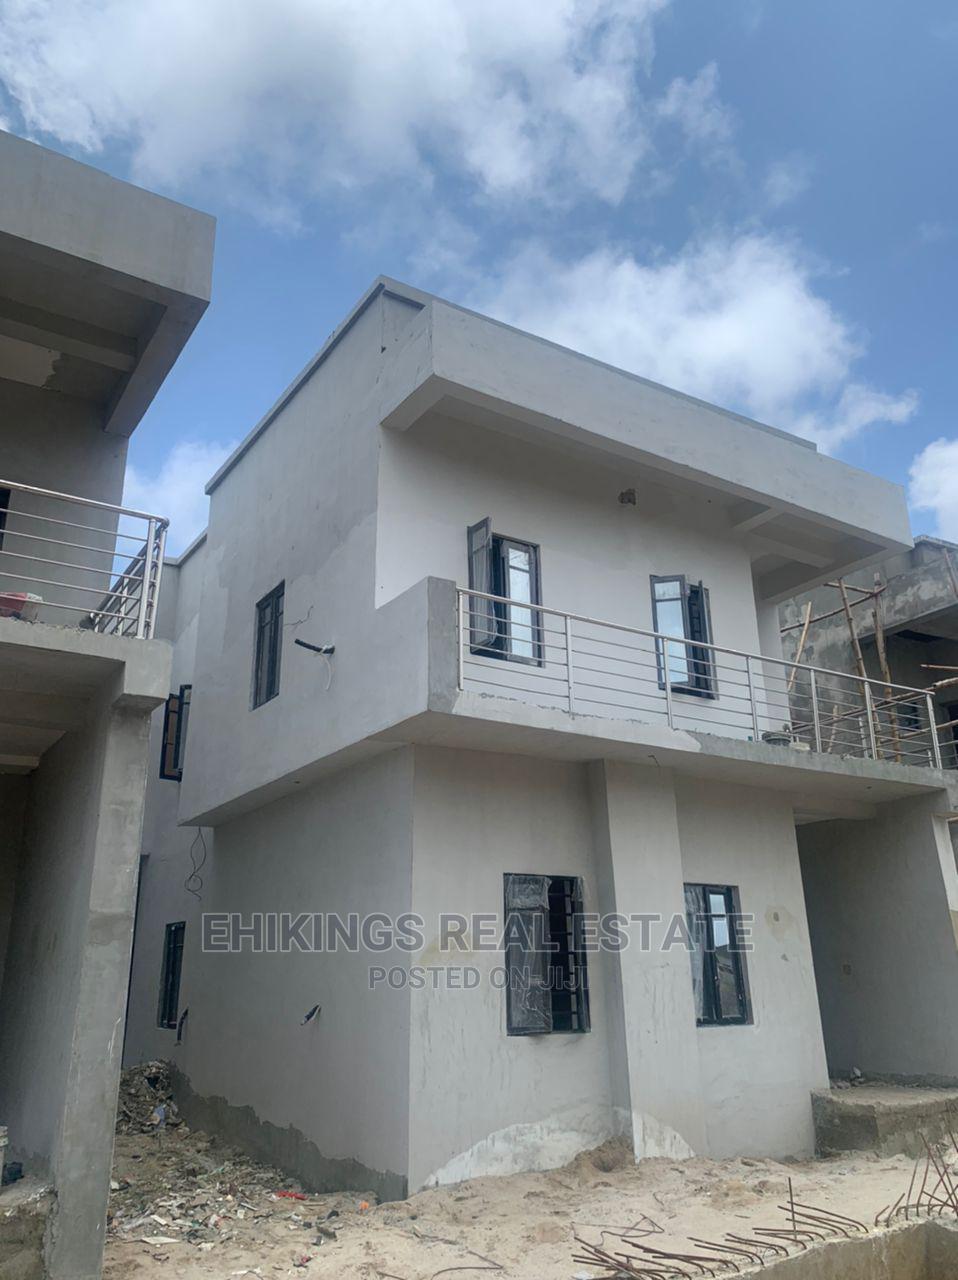 5bdrm Duplex in Grace Luxury Homes, Lekki for Sale   Houses & Apartments For Sale for sale in Lekki, Lagos State, Nigeria